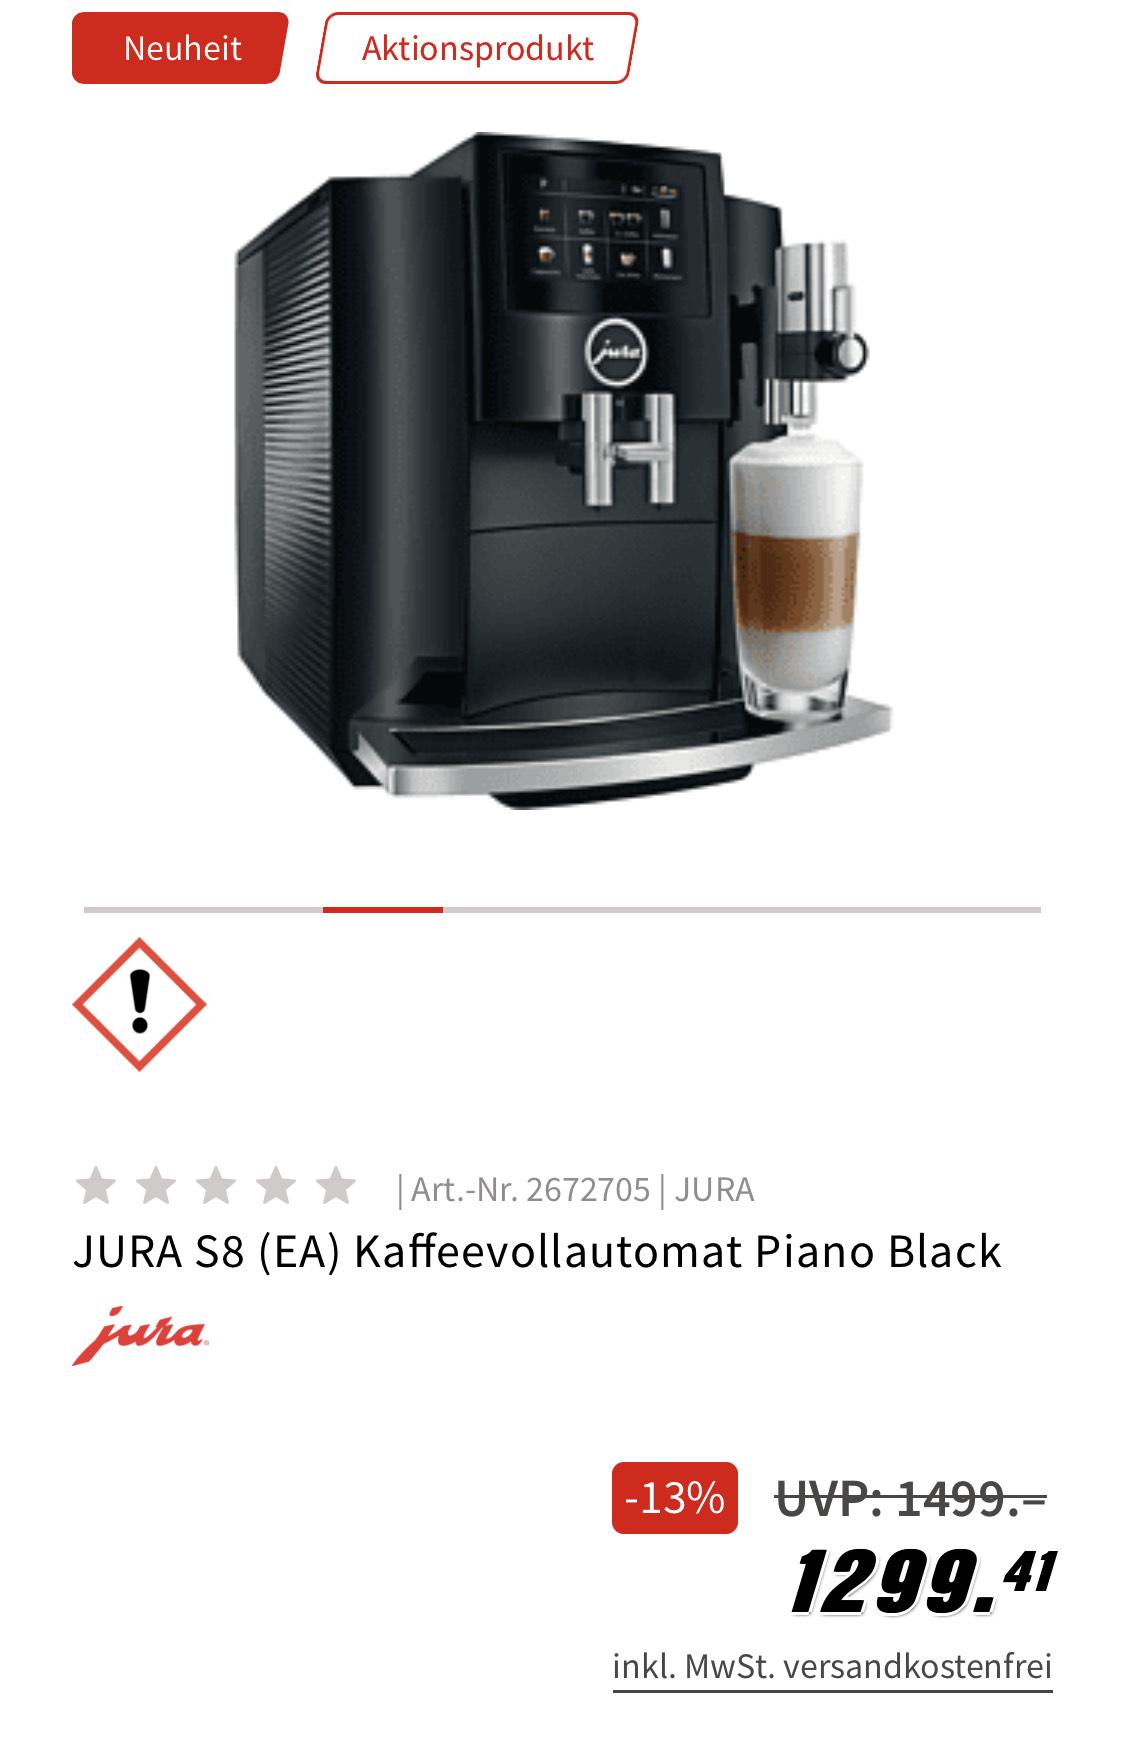 Jura S8 (EA) Piano Black + JURA Cool Control Milchkühler